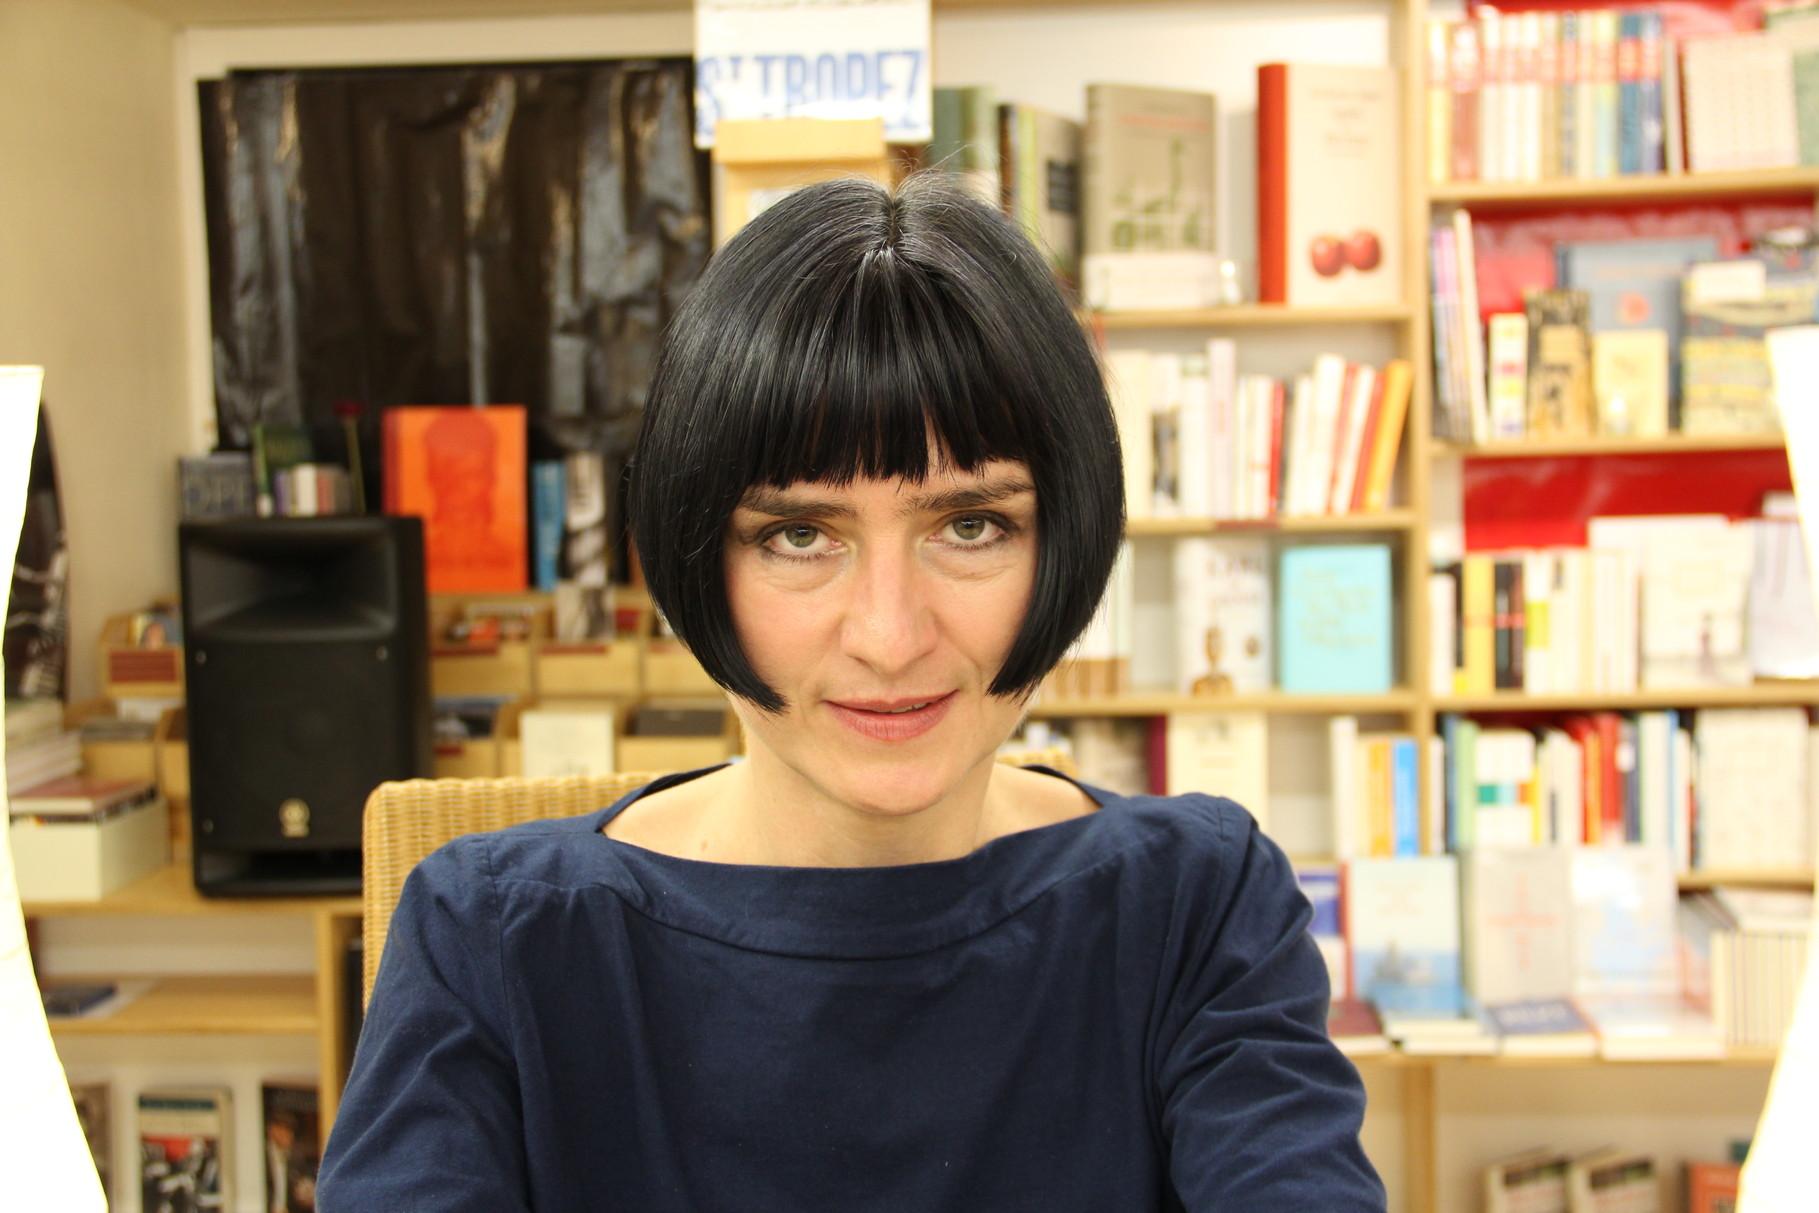 """""""Die Ordnung der Sterne über Como"""" schaffte es auf die Shortlist für den Deutschen Buchpreis 2013: Monika Zeiner. Zusammen mit dem Pianisten Andreas Hirche überzeugte sie musikalisch und literarisch"""